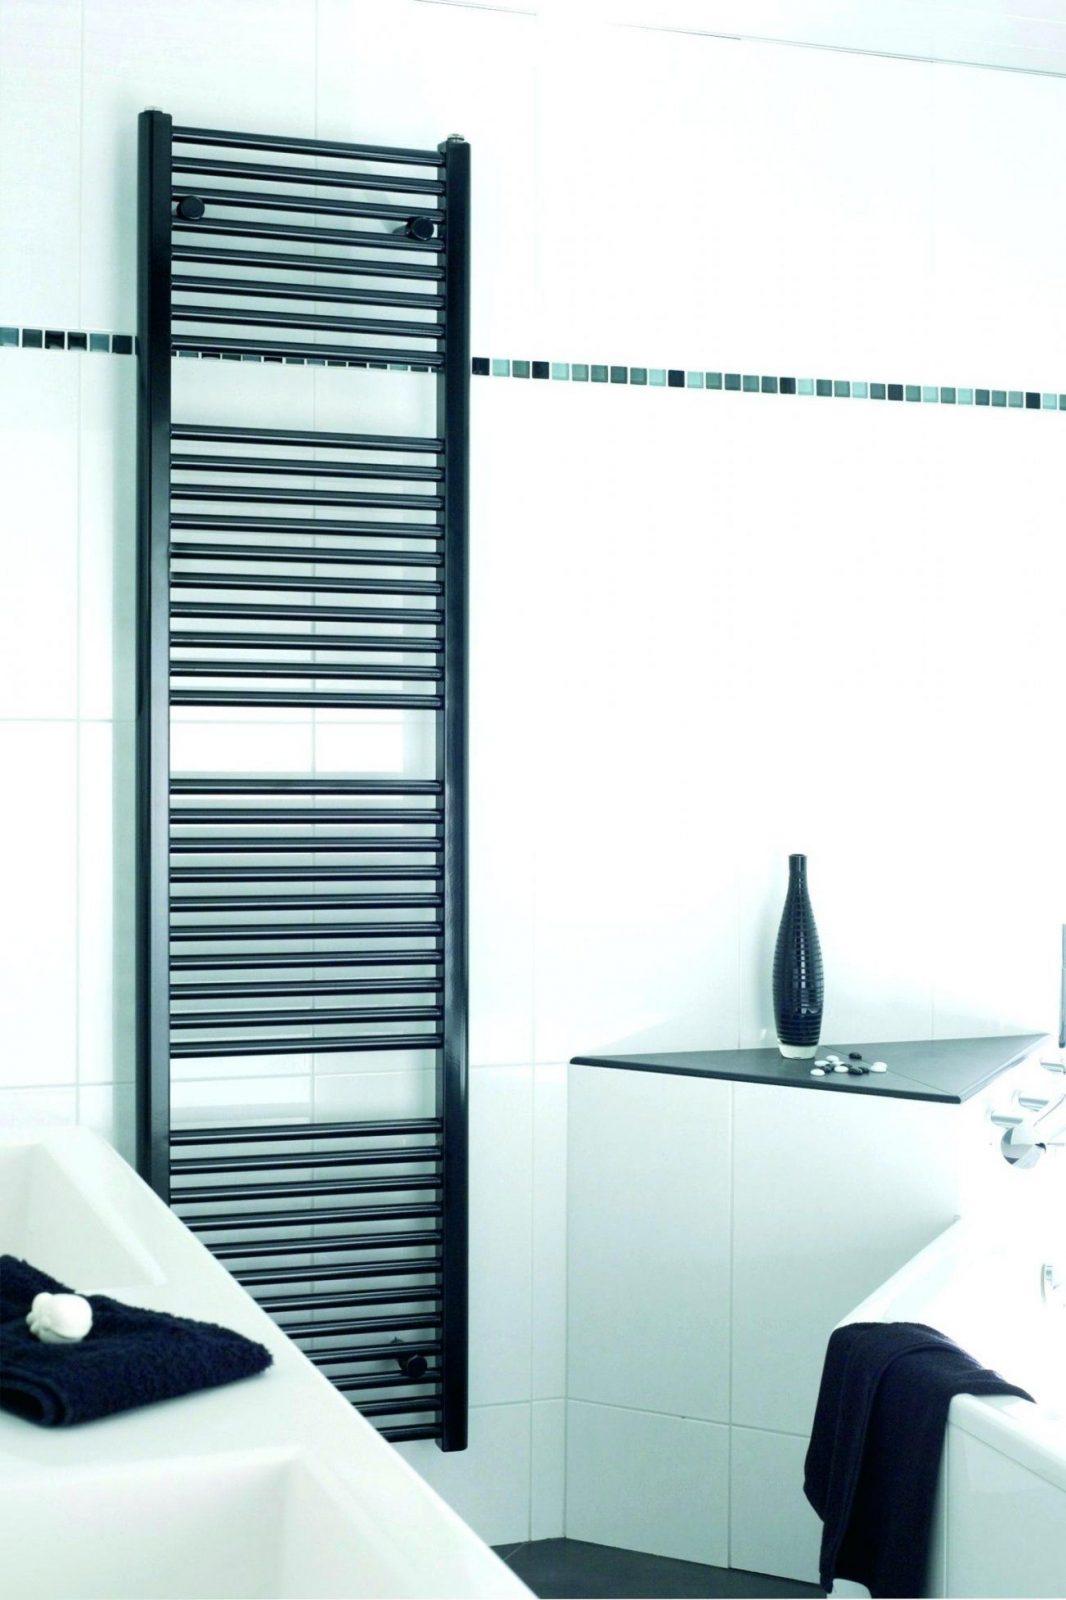 Schöne Heizkörper Für Wohnzimmer Heizkorper Neu Hopnotes – Cblonline von Schöne Heizkörper Für Wohnzimmer Bild